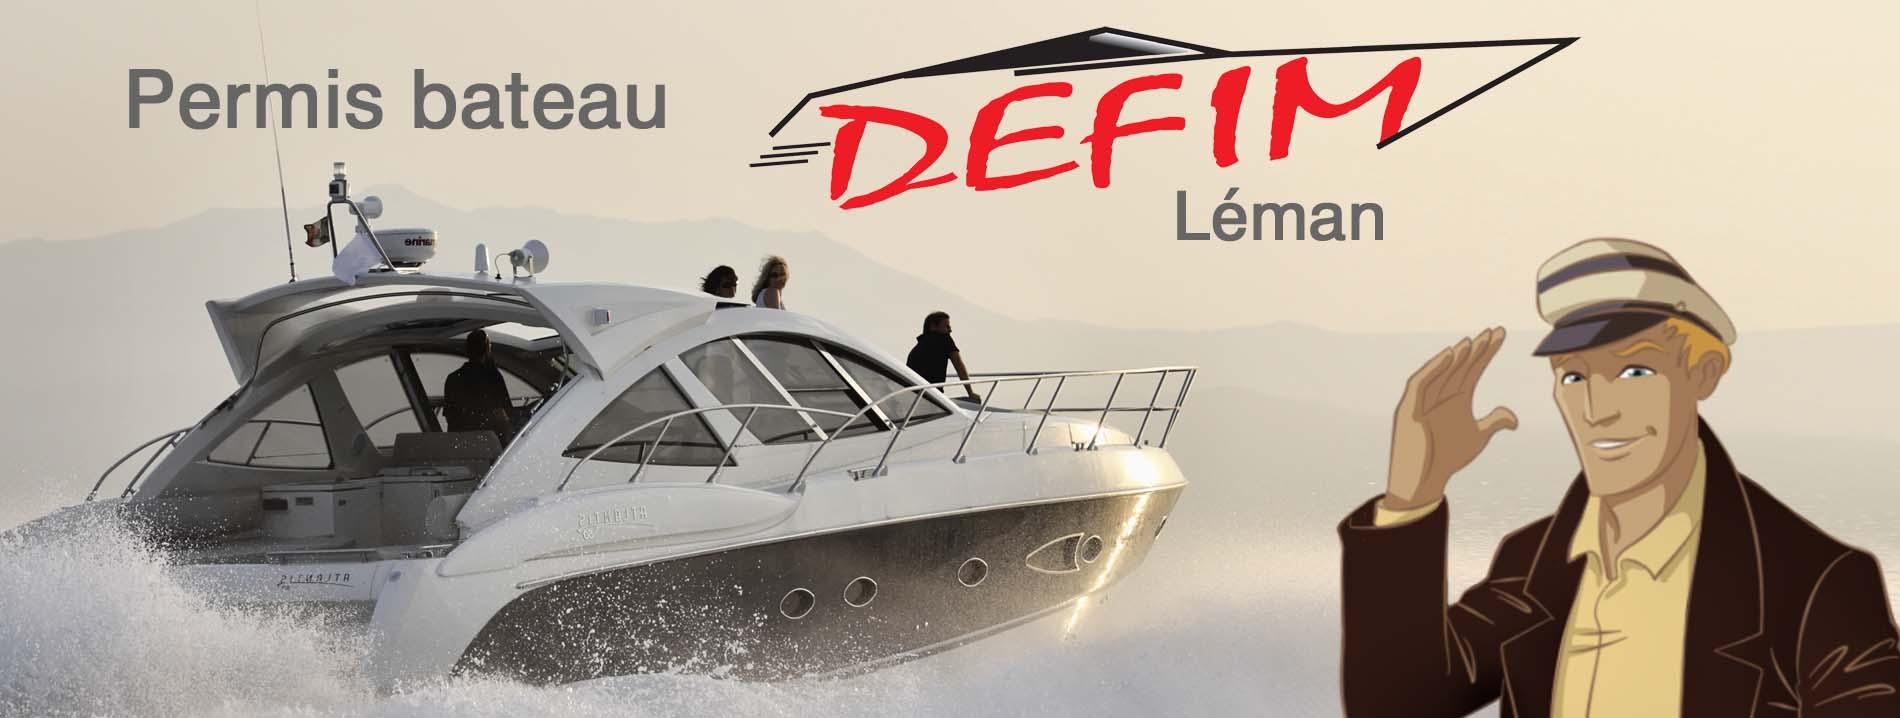 Permis bateau Léman Evian Genève Thonon Annecy par DEFIM